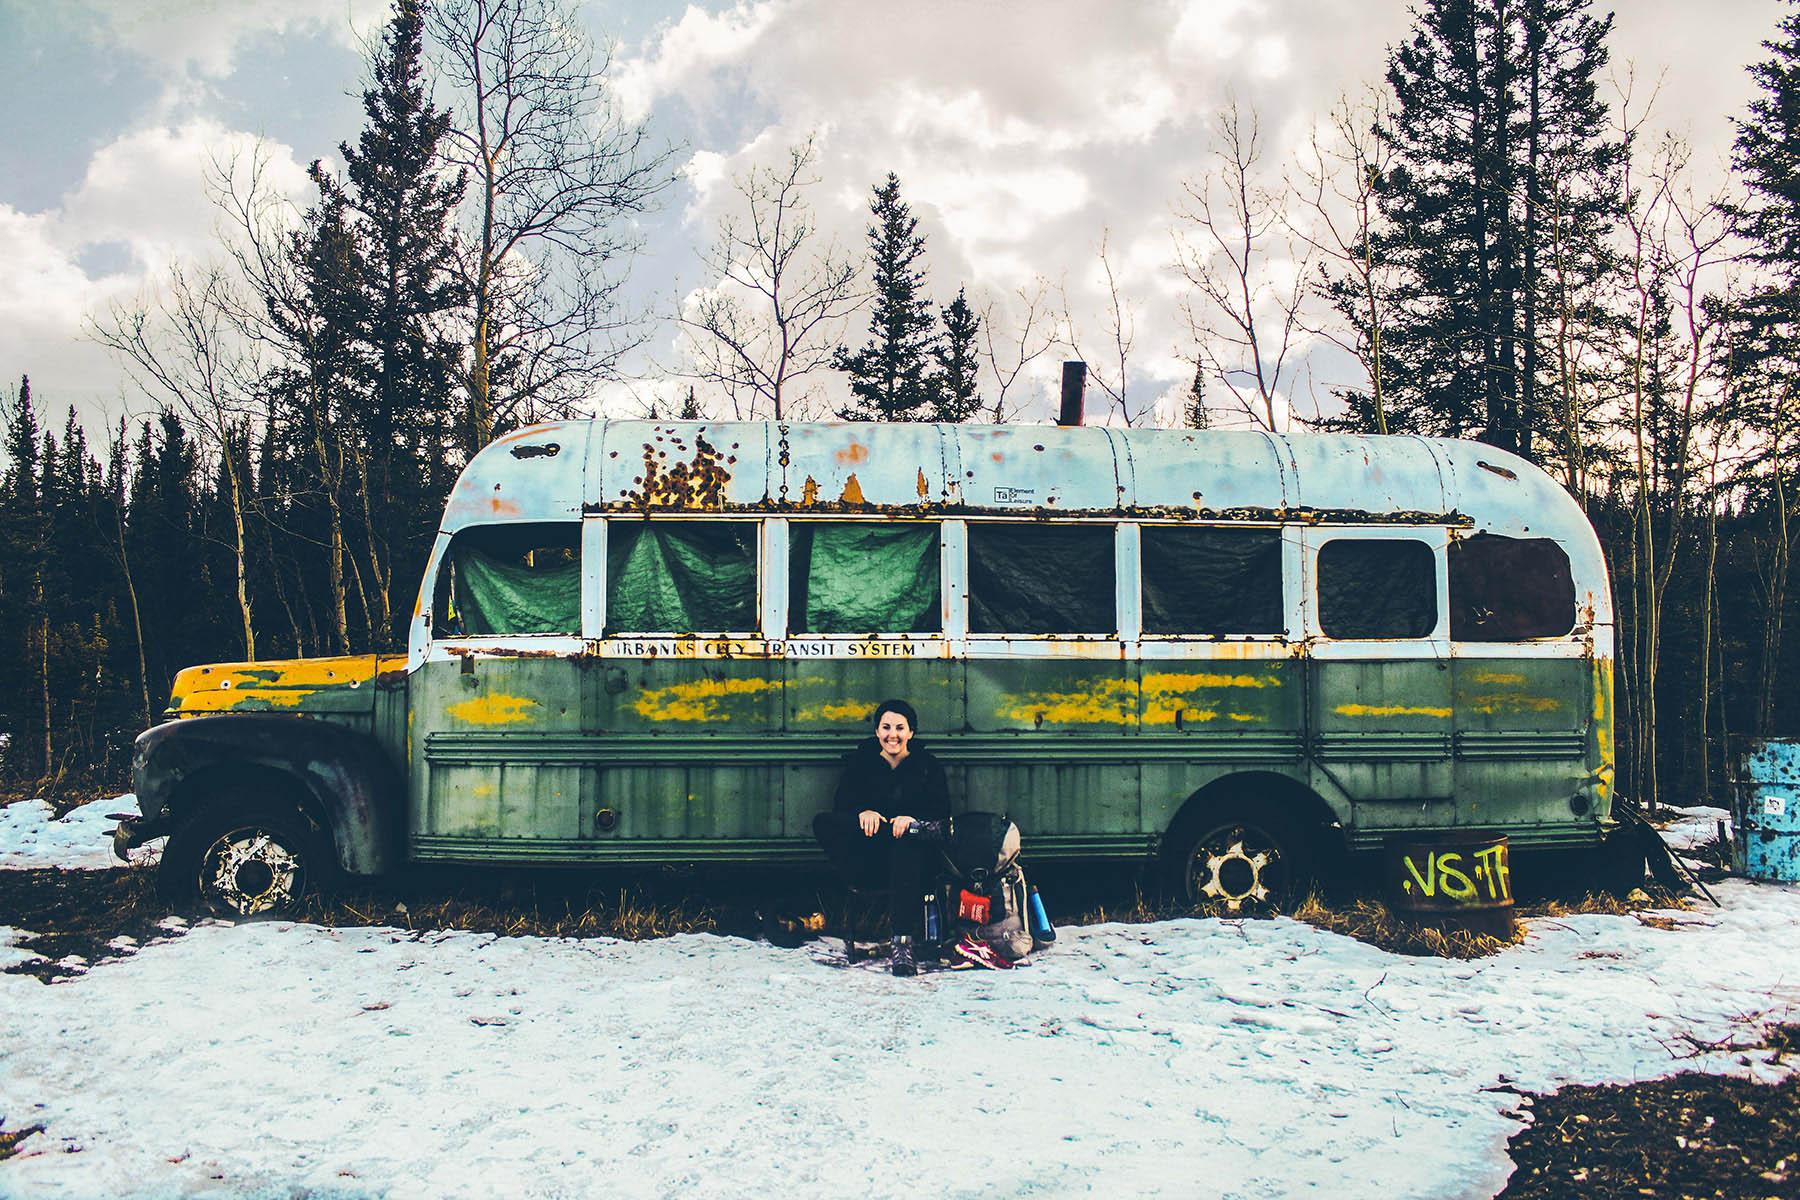 Récit d'une randonnée vers le bus célèbre de «Into The Wild» en Alaska